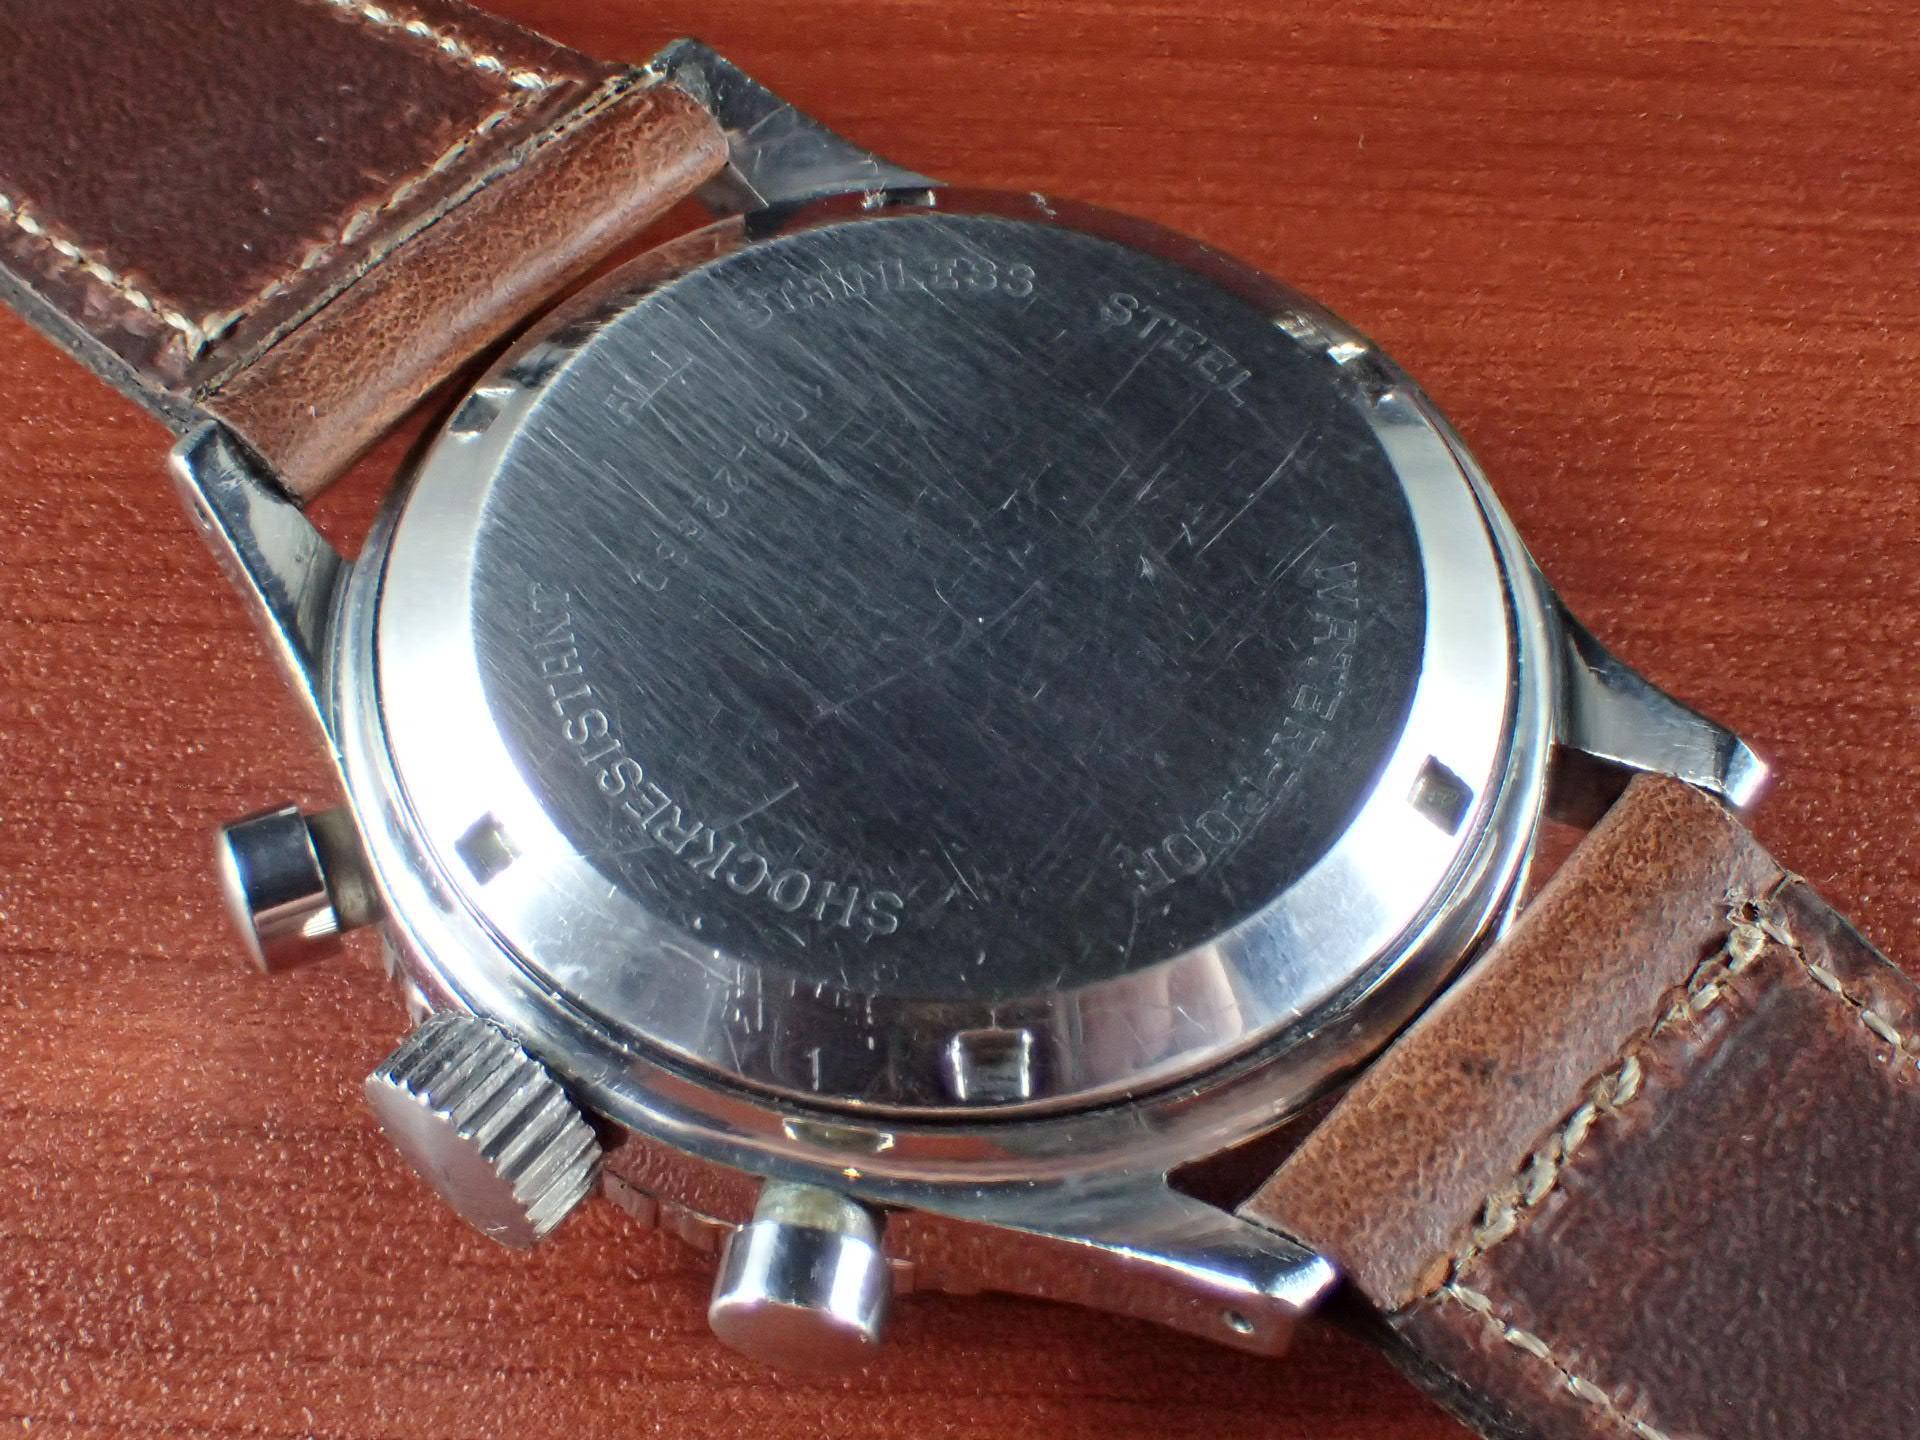 ニバダ クロノマスター クロノグラフ バルジュー92 1960年代の写真4枚目